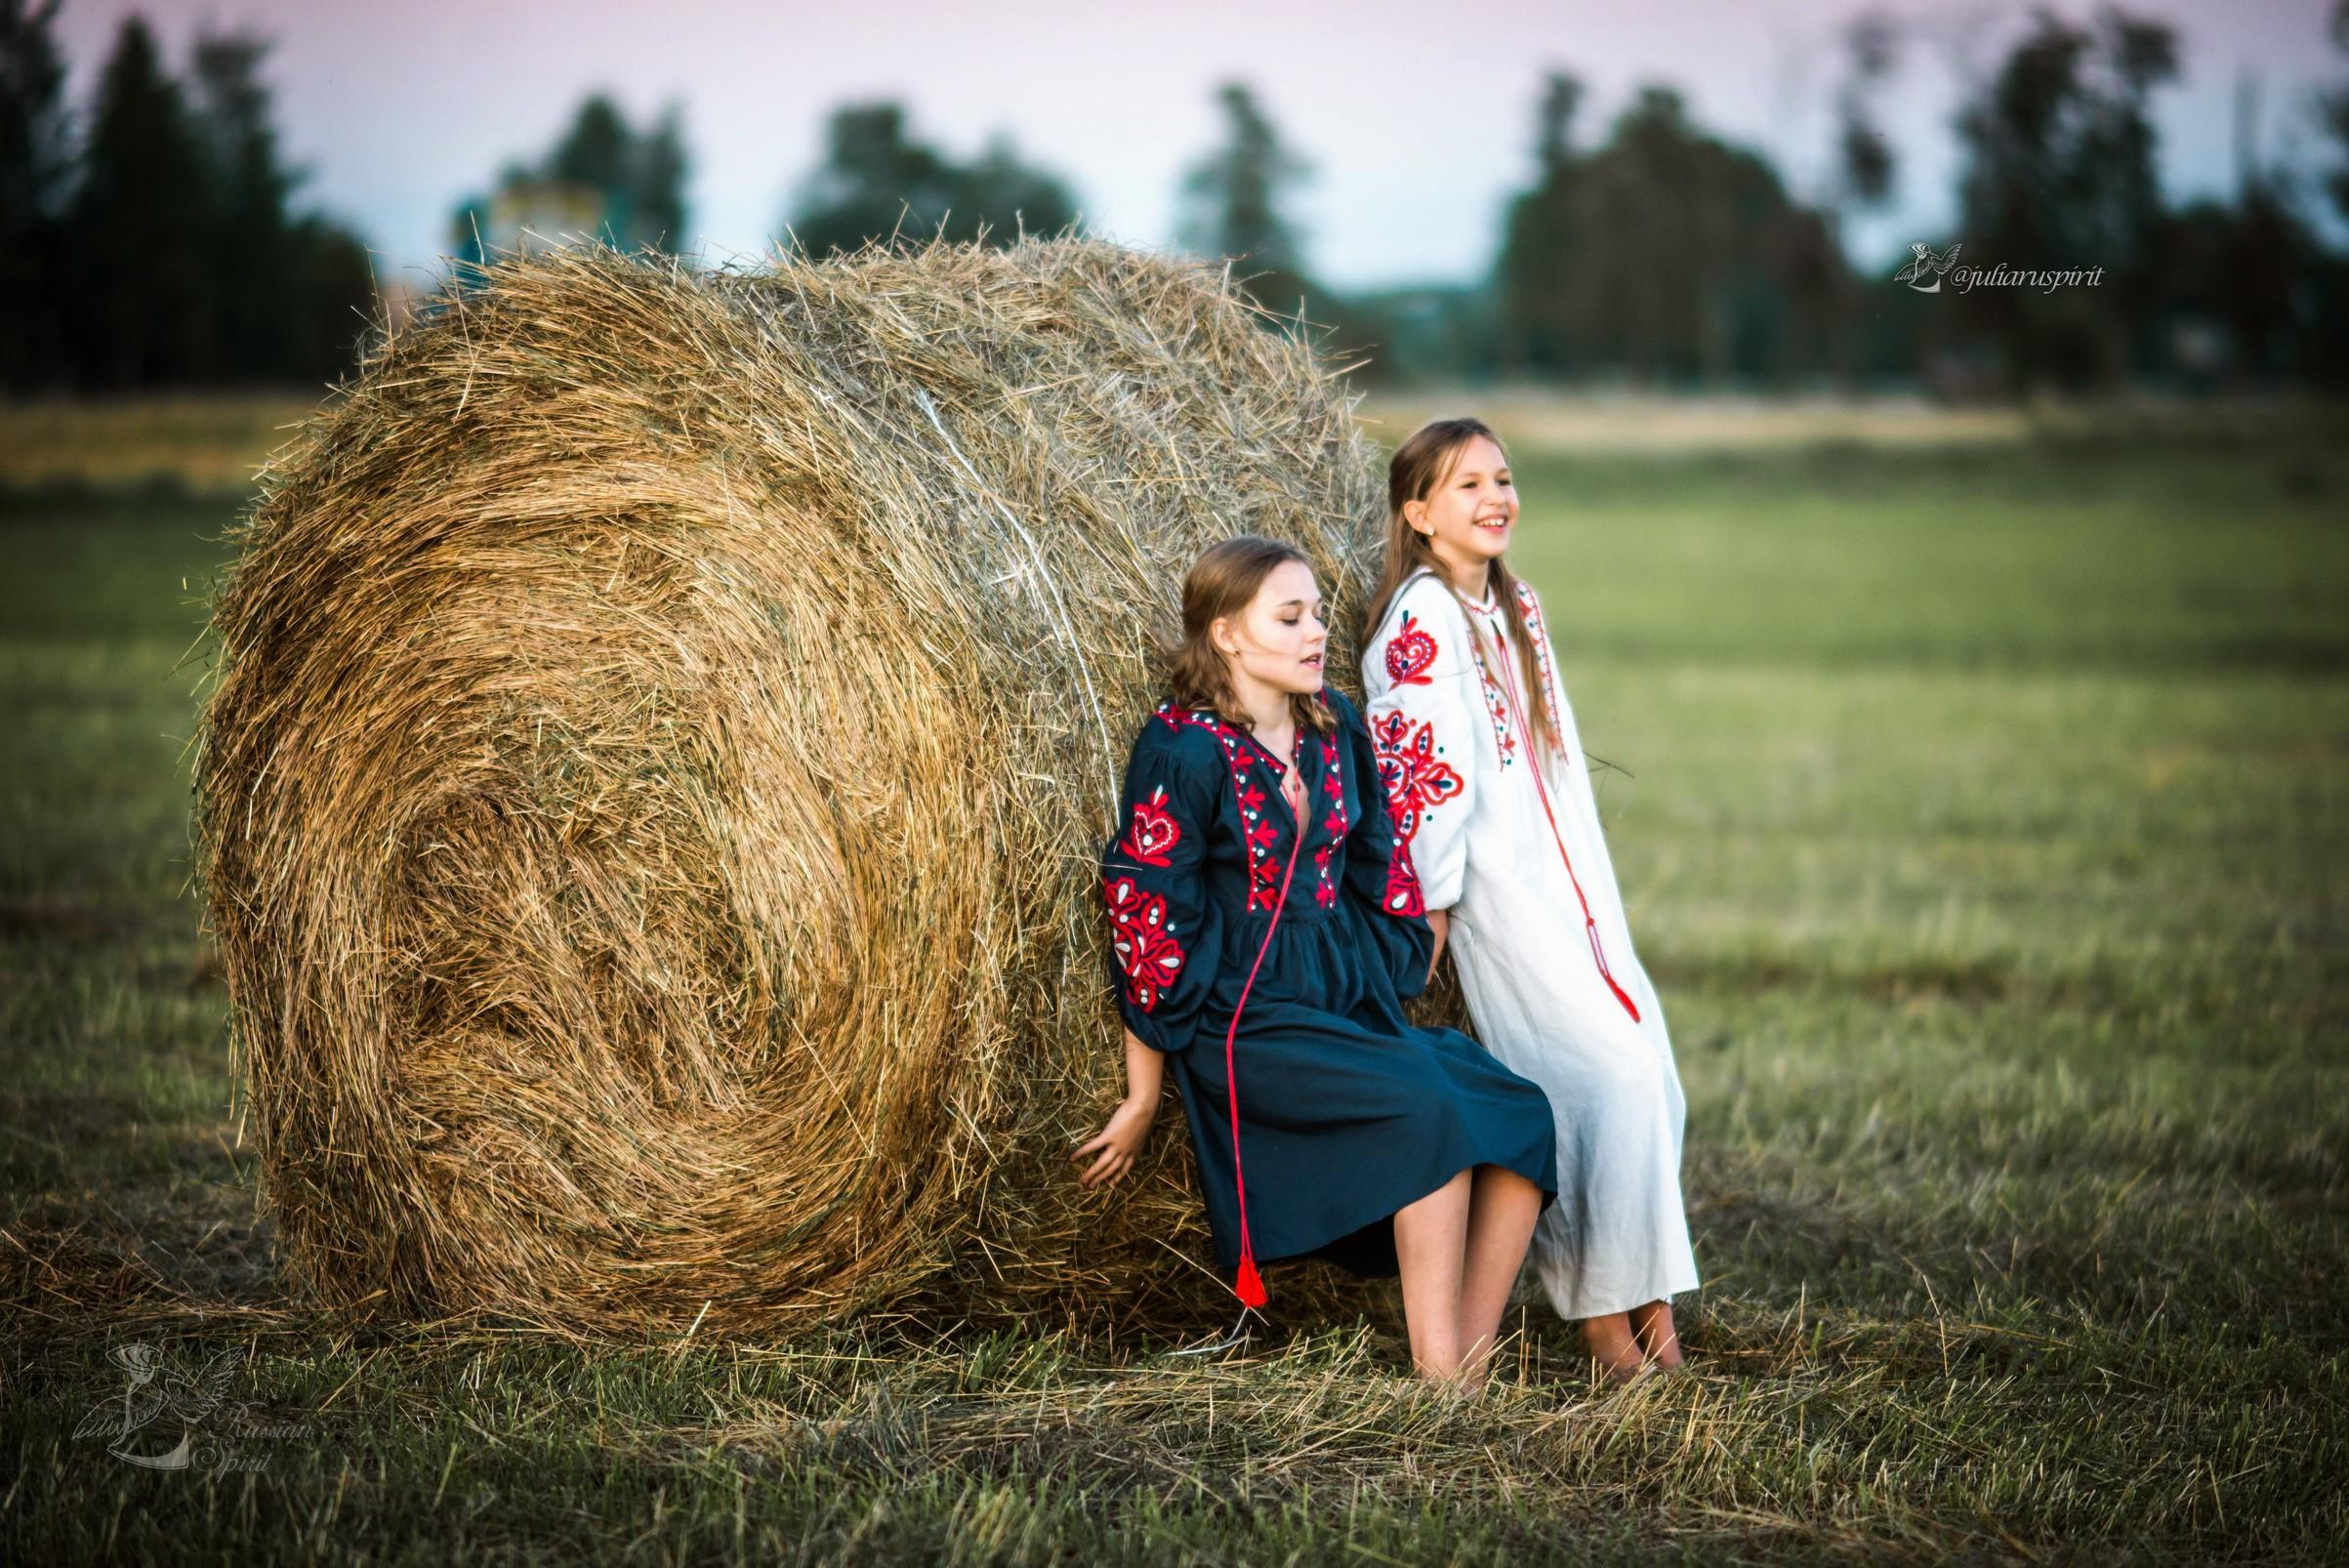 девочки у стога в национальных платьях